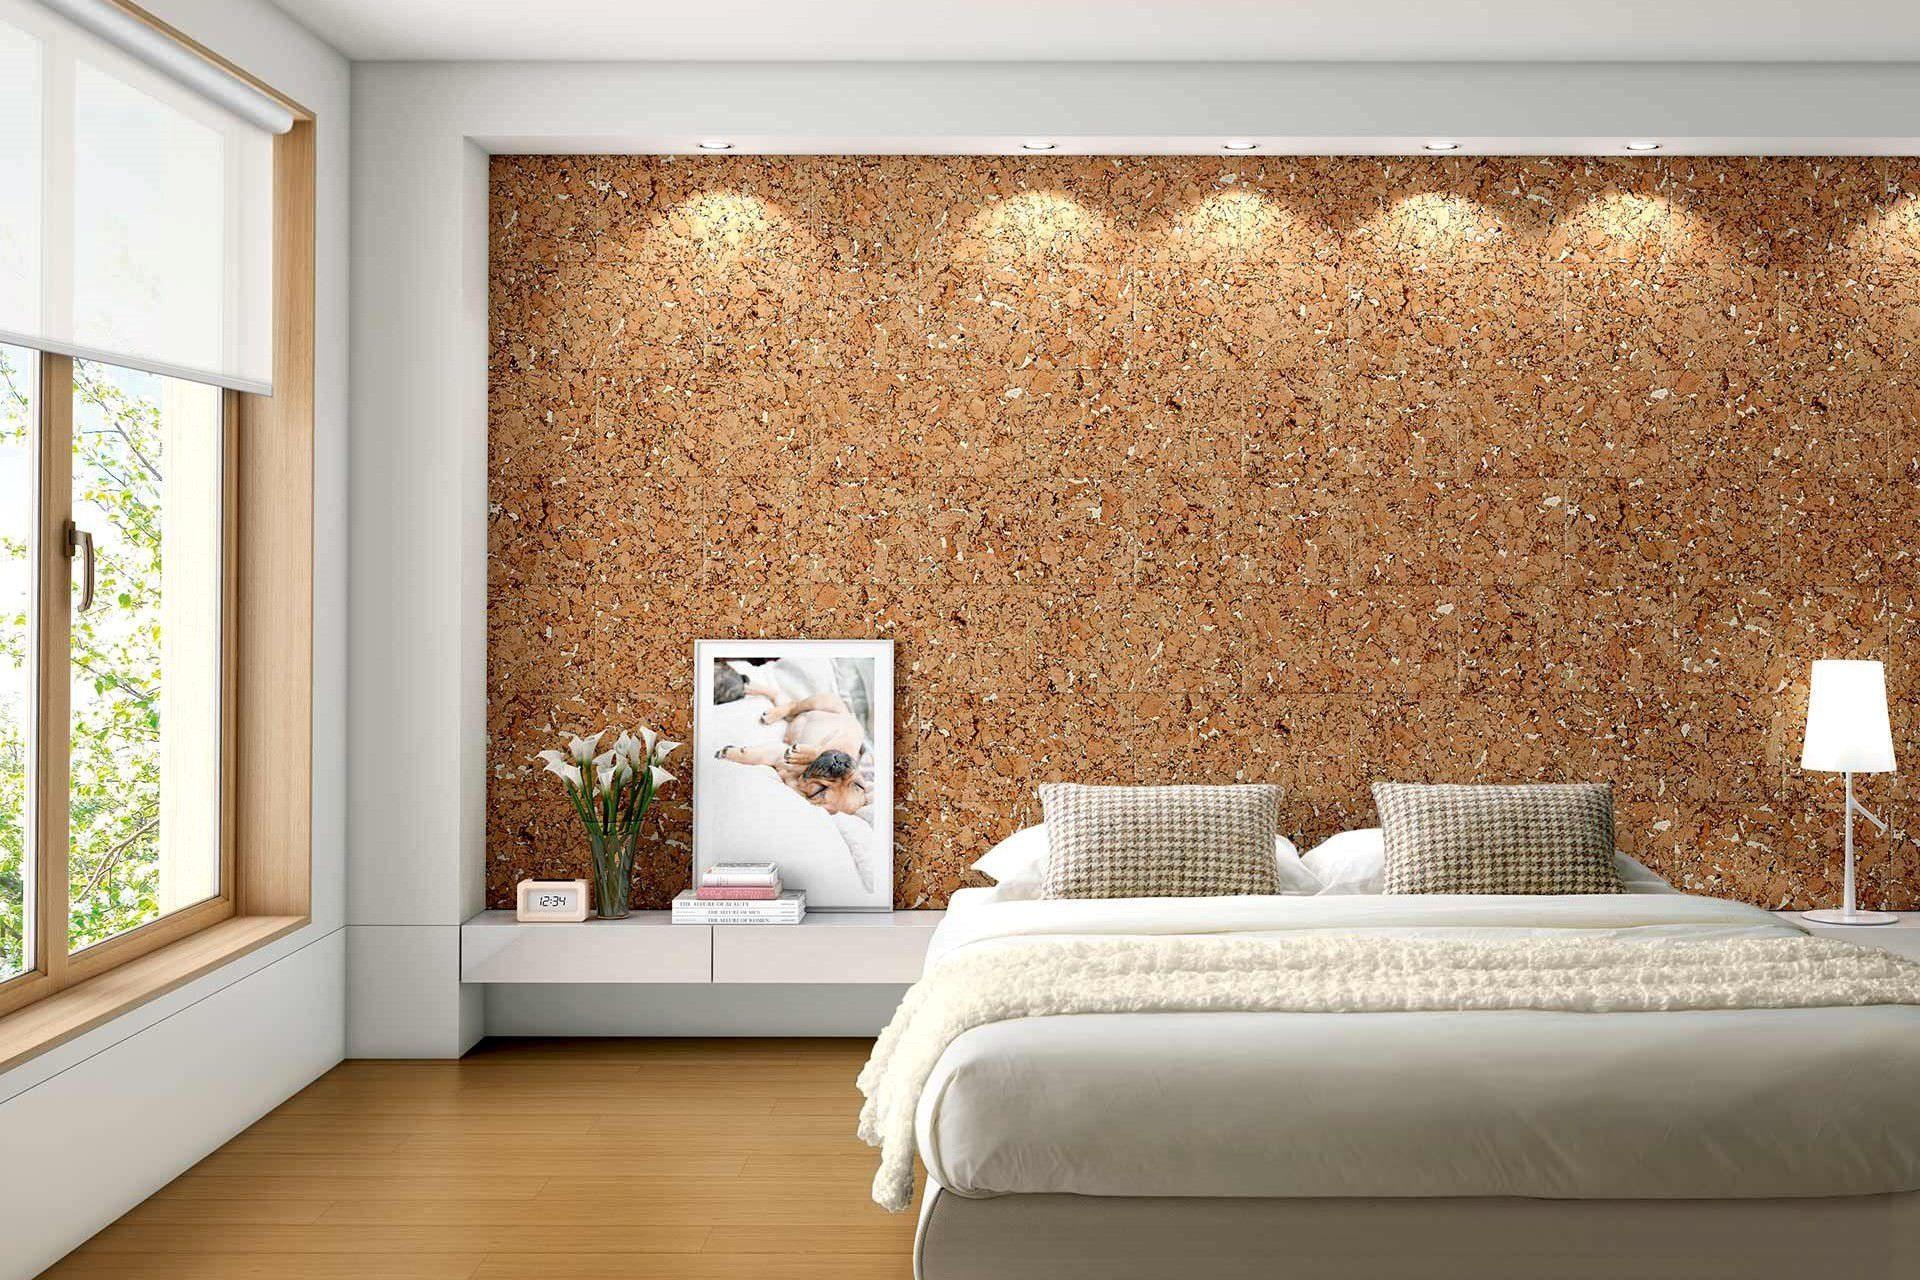 Cork Bedroom Wall Bedroom Design Bedroom Interior Interior Design Bedroom